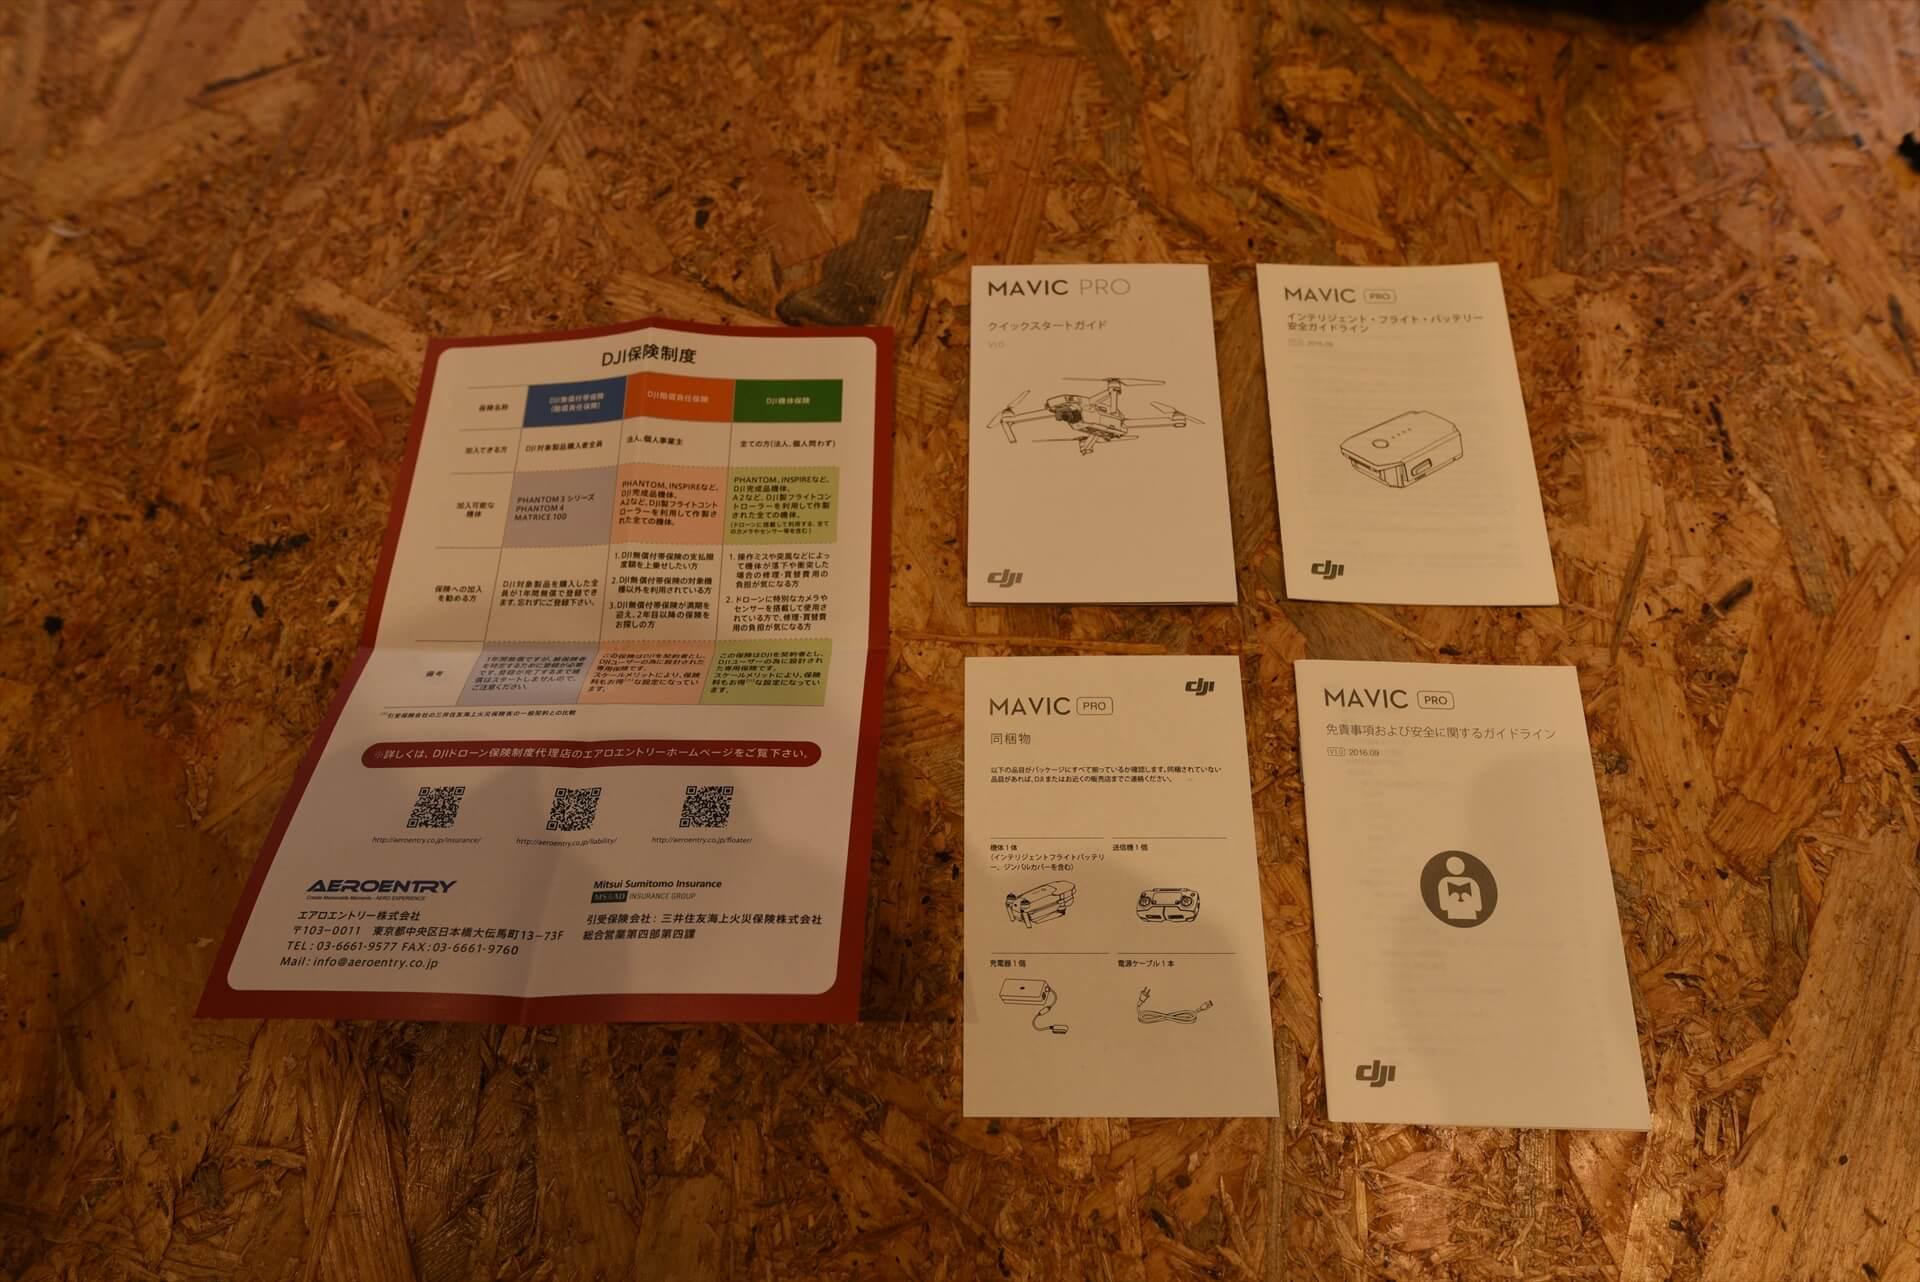 説明書や保険に関する紙を広げた写真